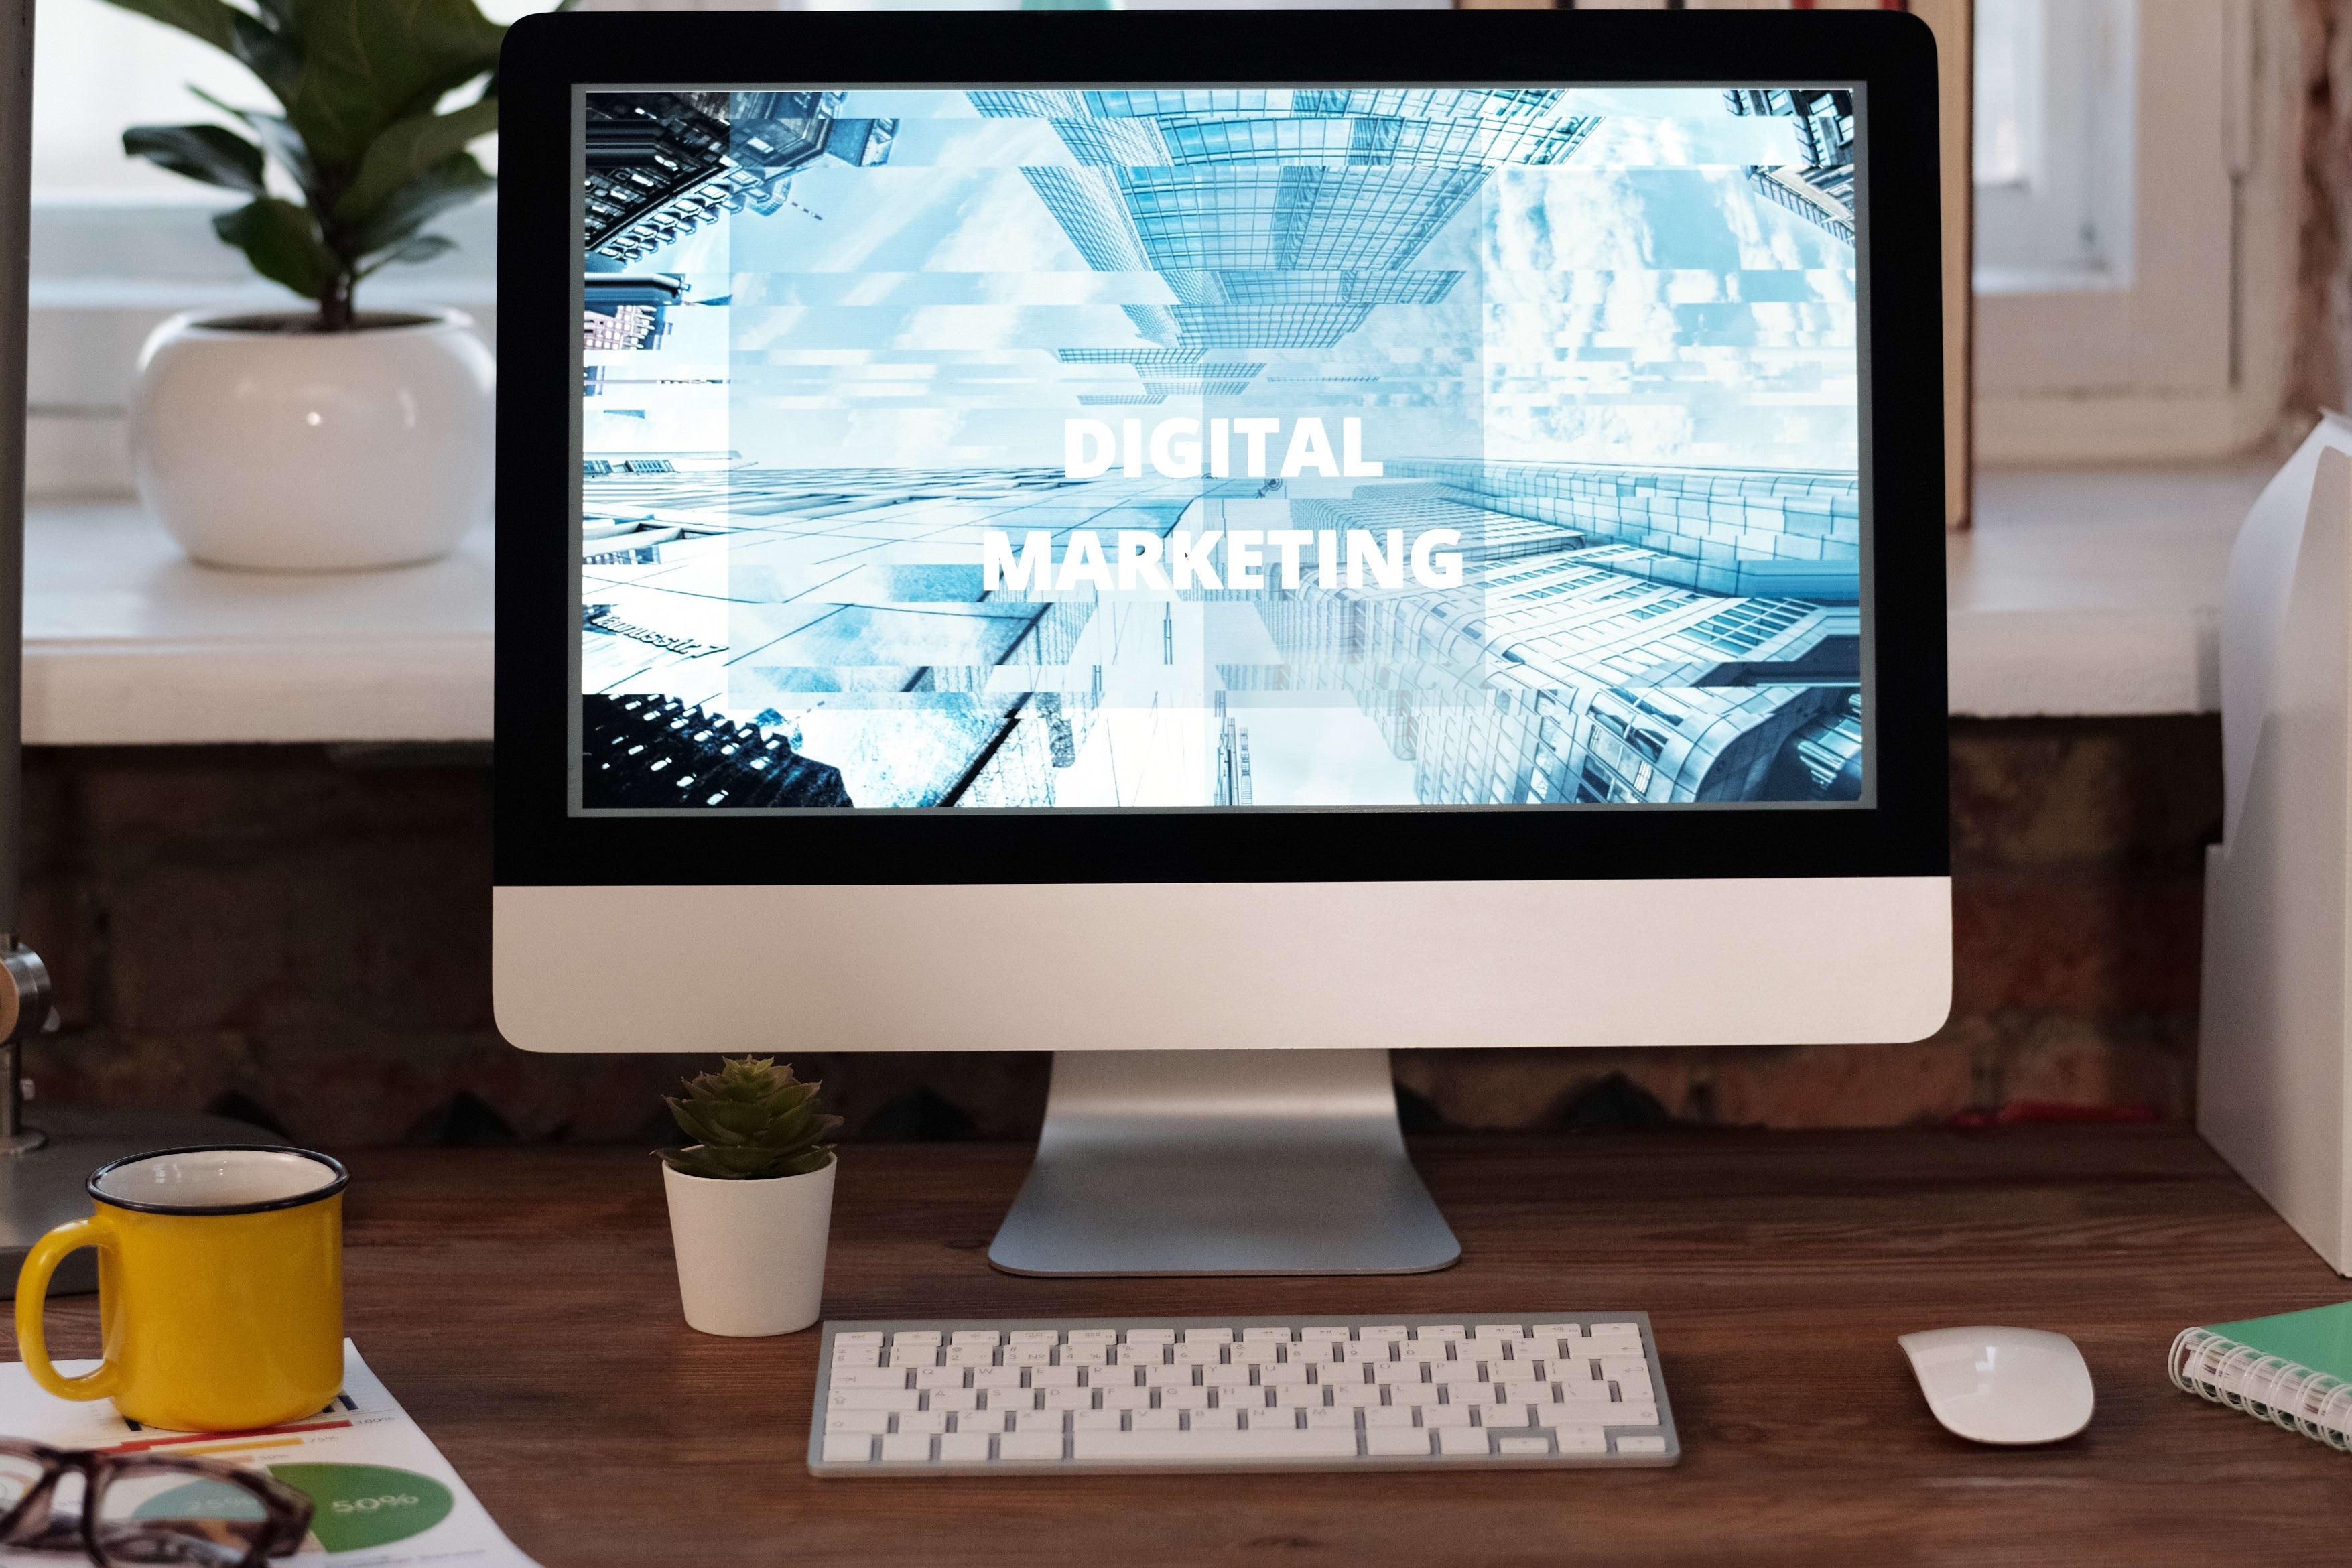 Portfolio for Digital Marketing (Overview)